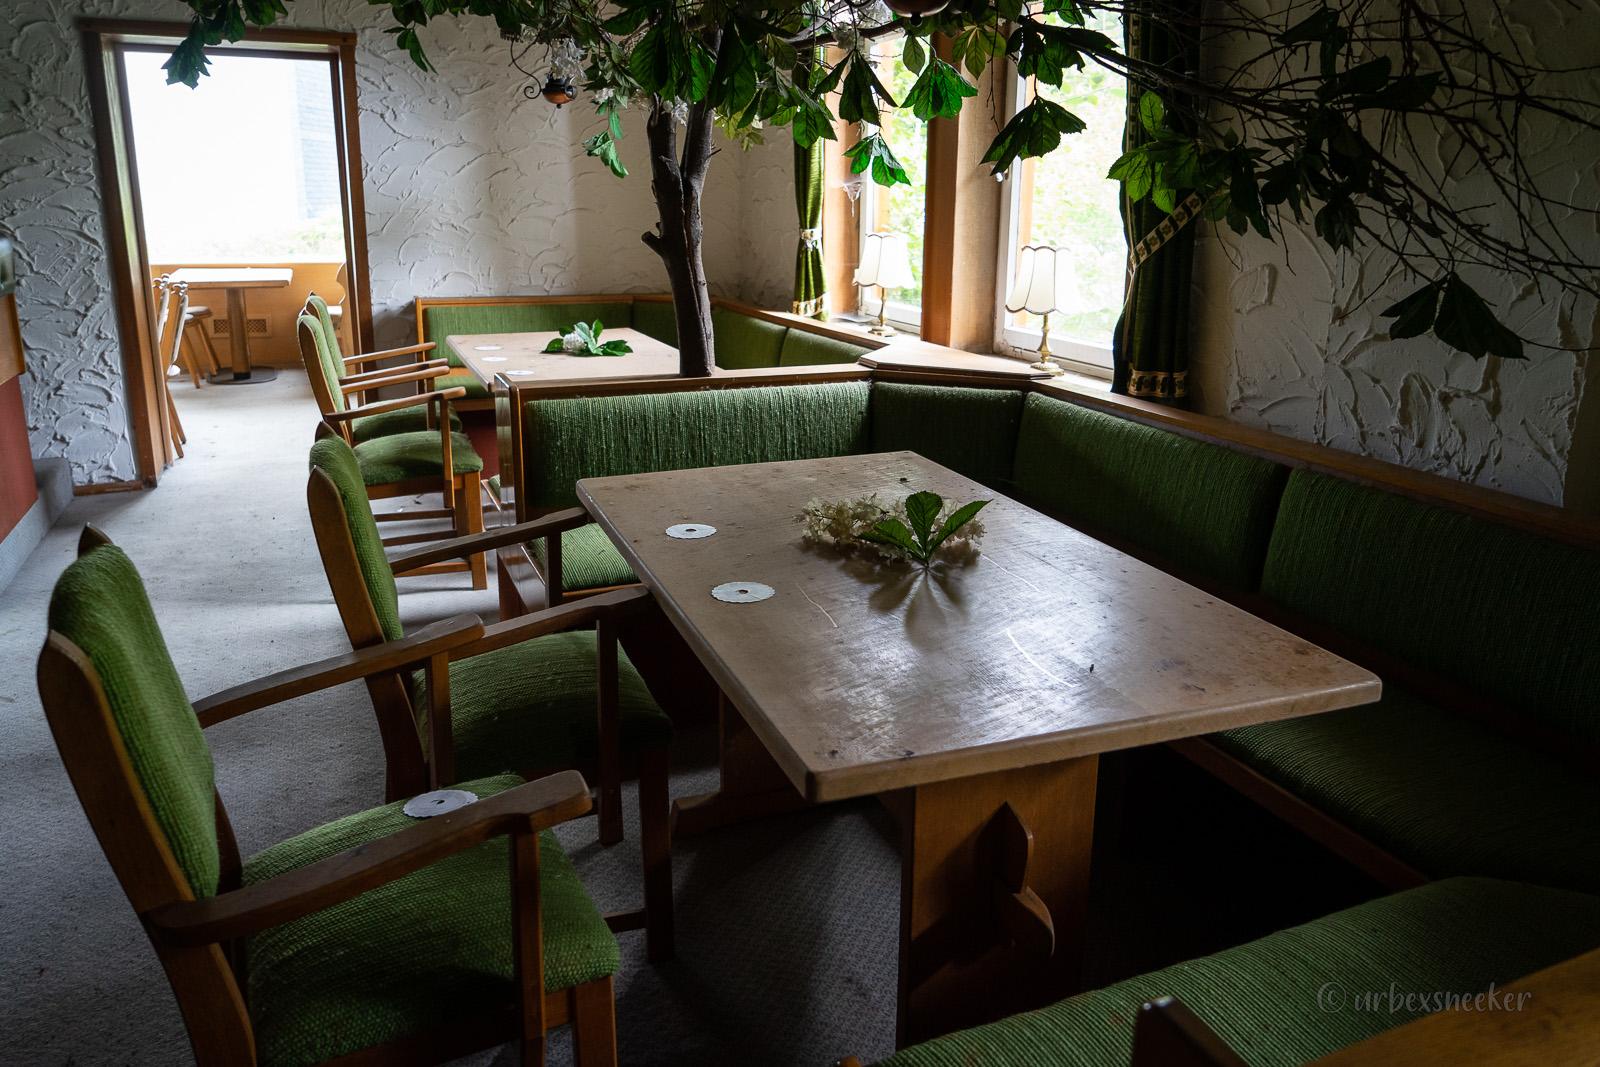 lost place harz hotel holz grüne sitzecken DSC00232